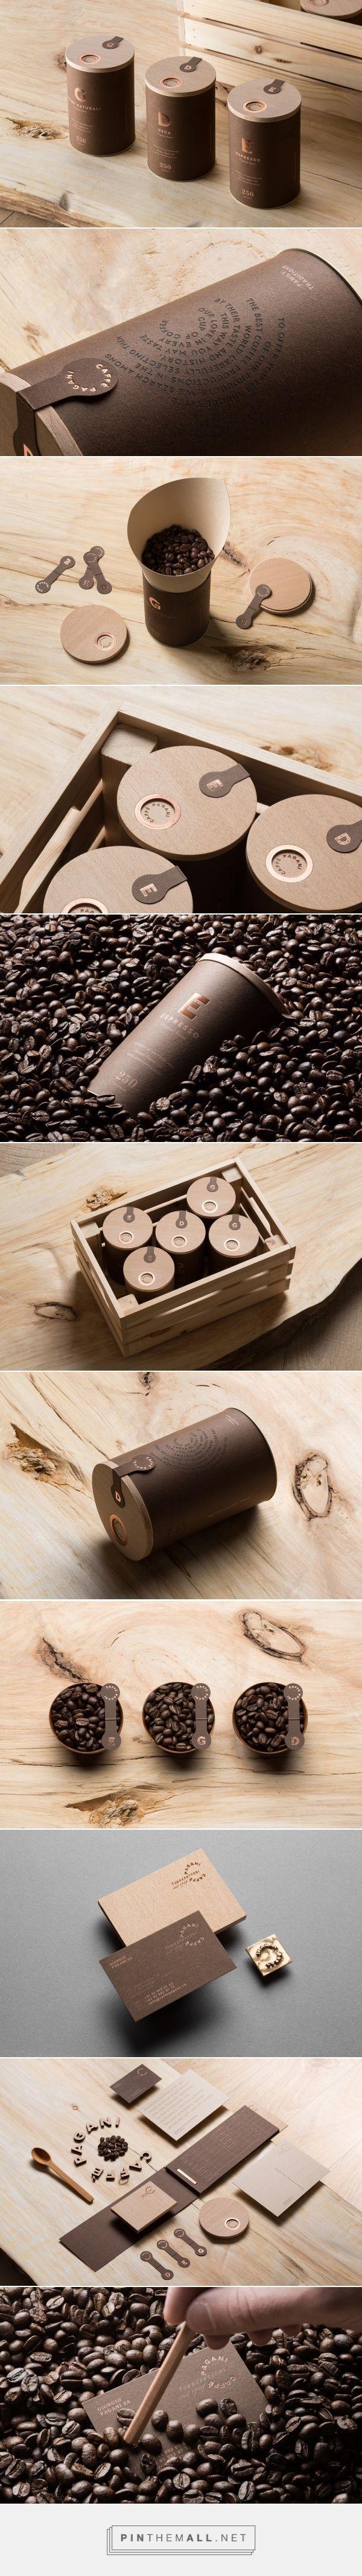 Caffè Pagani by Pavel Emelyanov, Irina Emelyanova, Eskimo Design, Anatoly Vasiliev